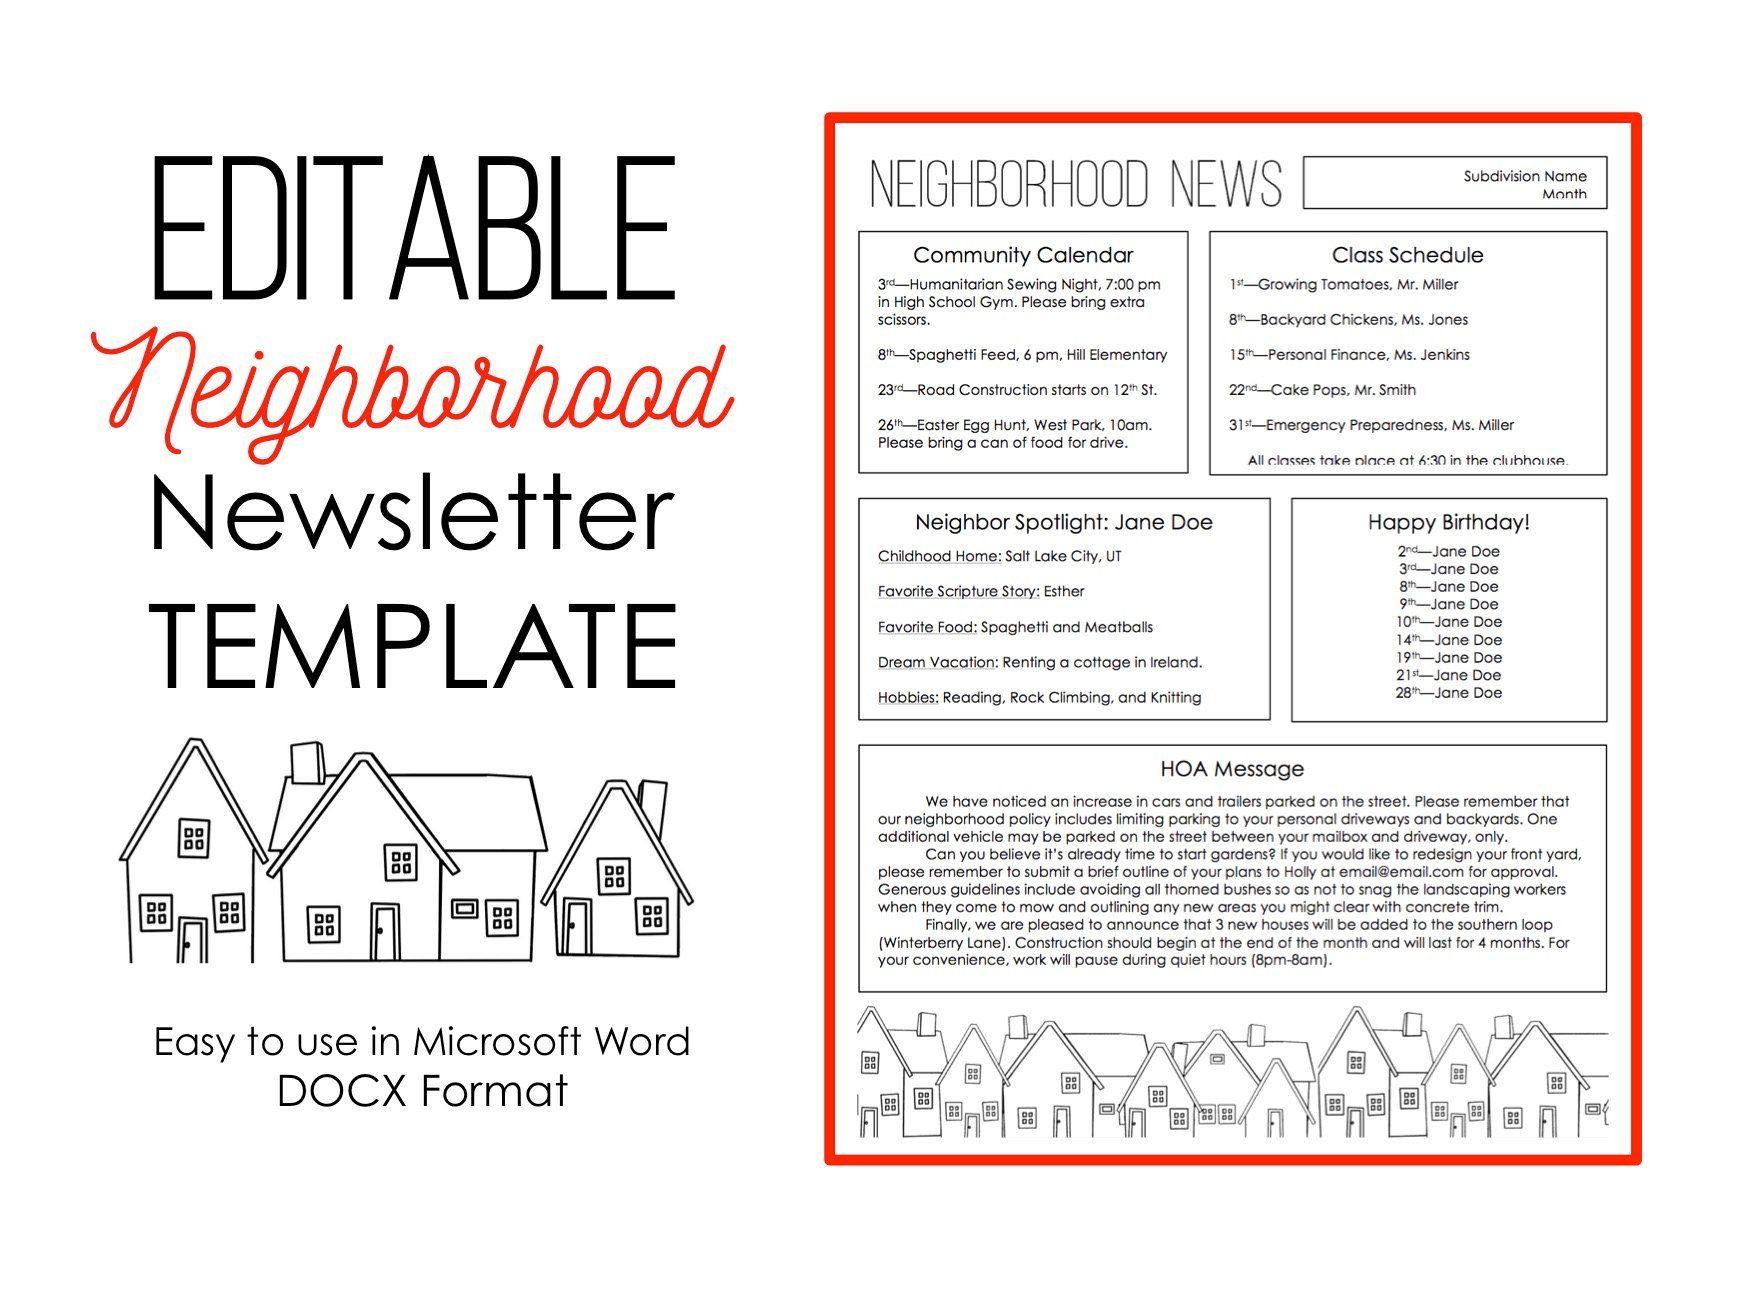 Newsletter Template For Microsoft Word Neighborhood Etsy